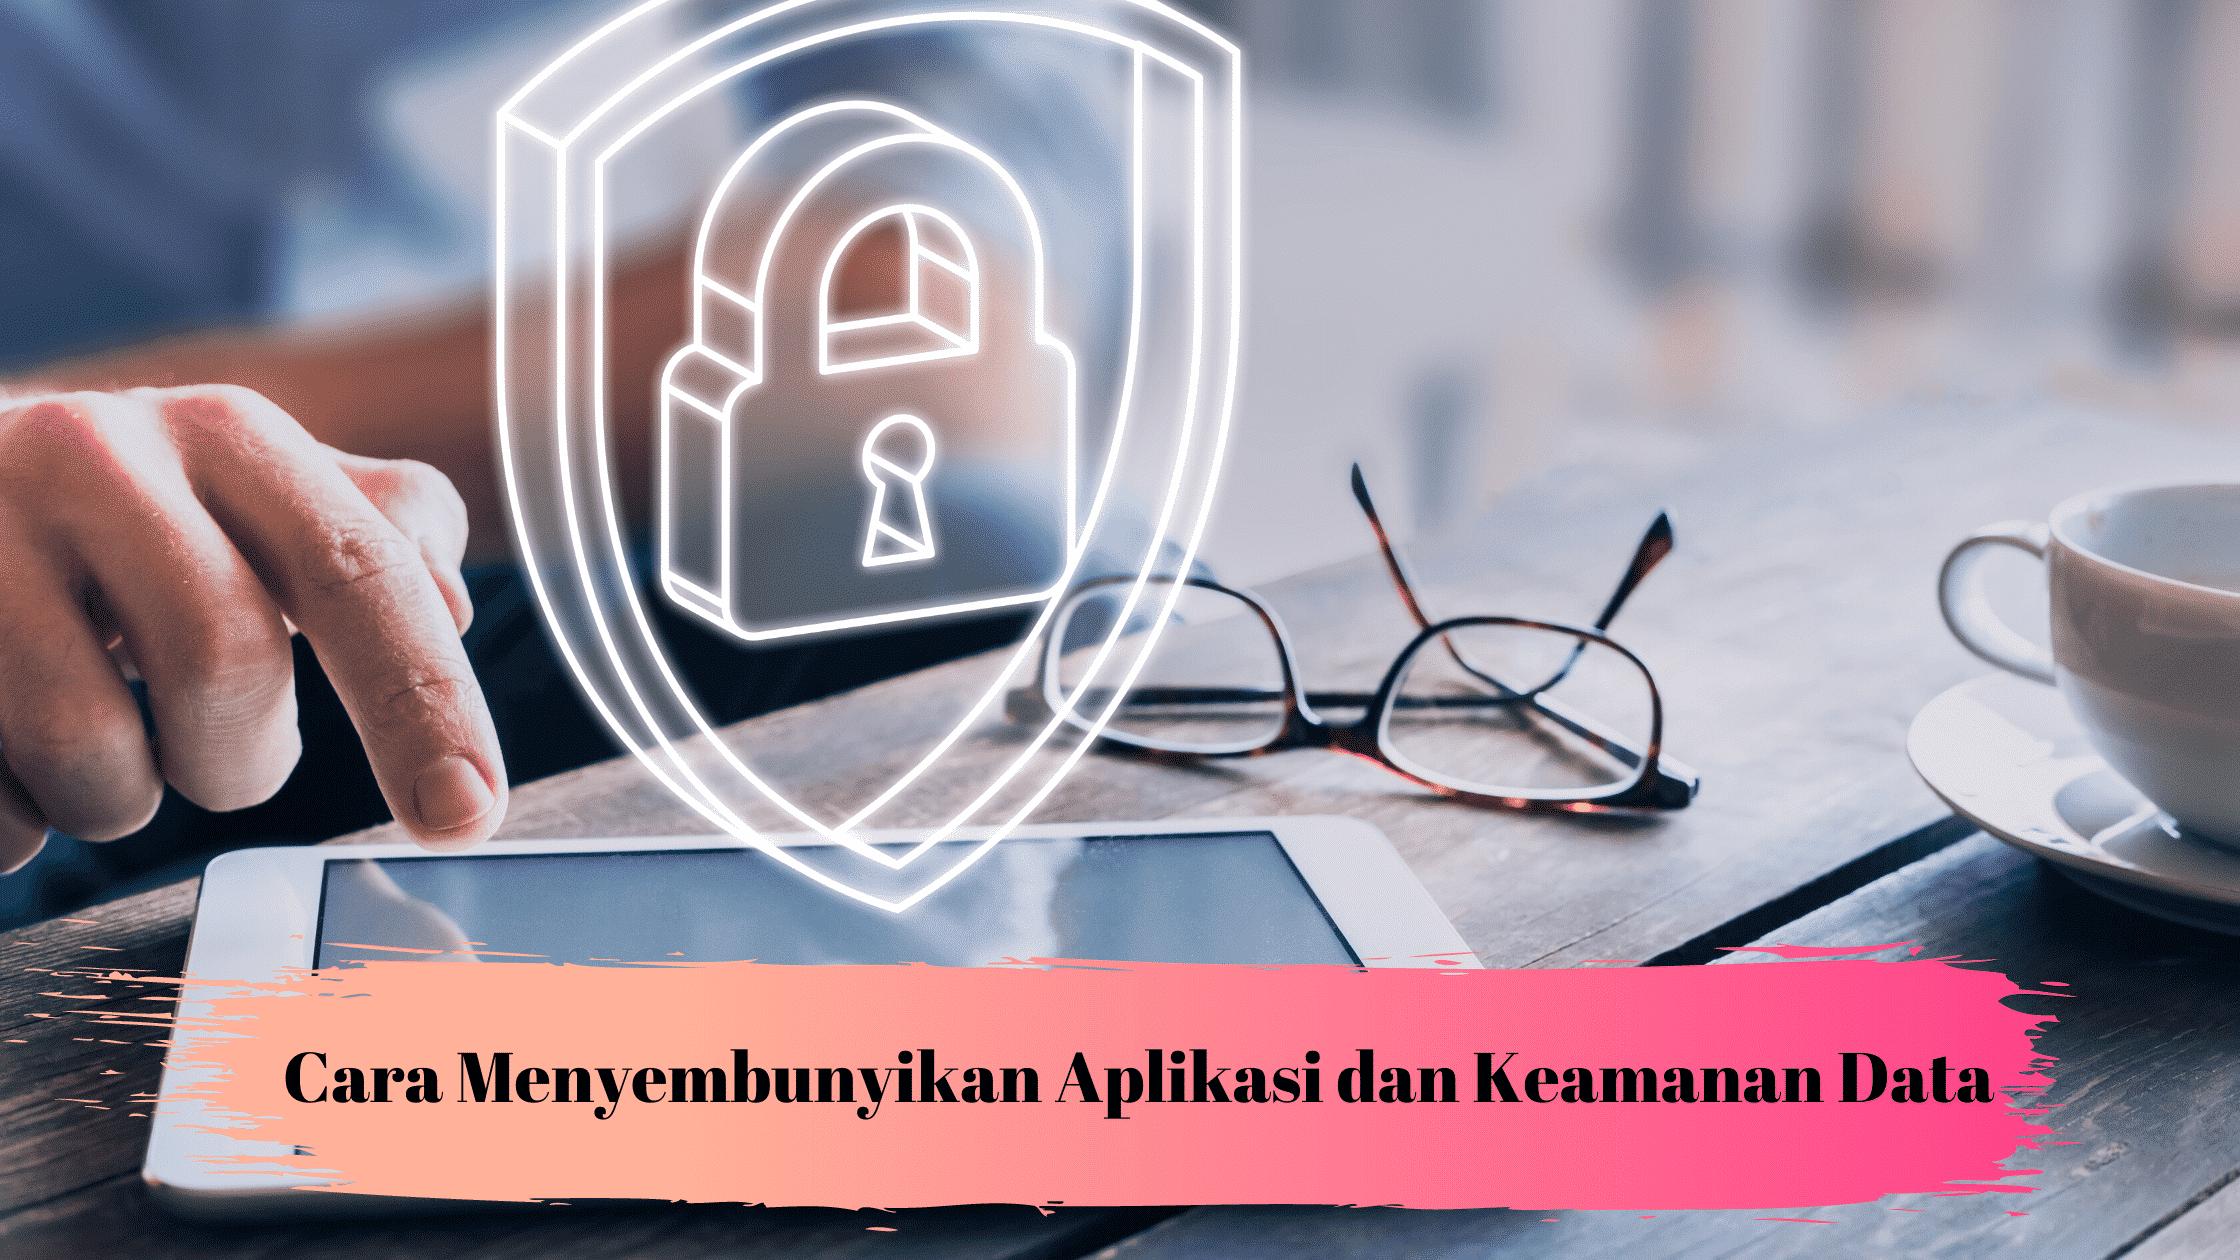 Cara Menyembunyikan aplikasi dan keamanan data